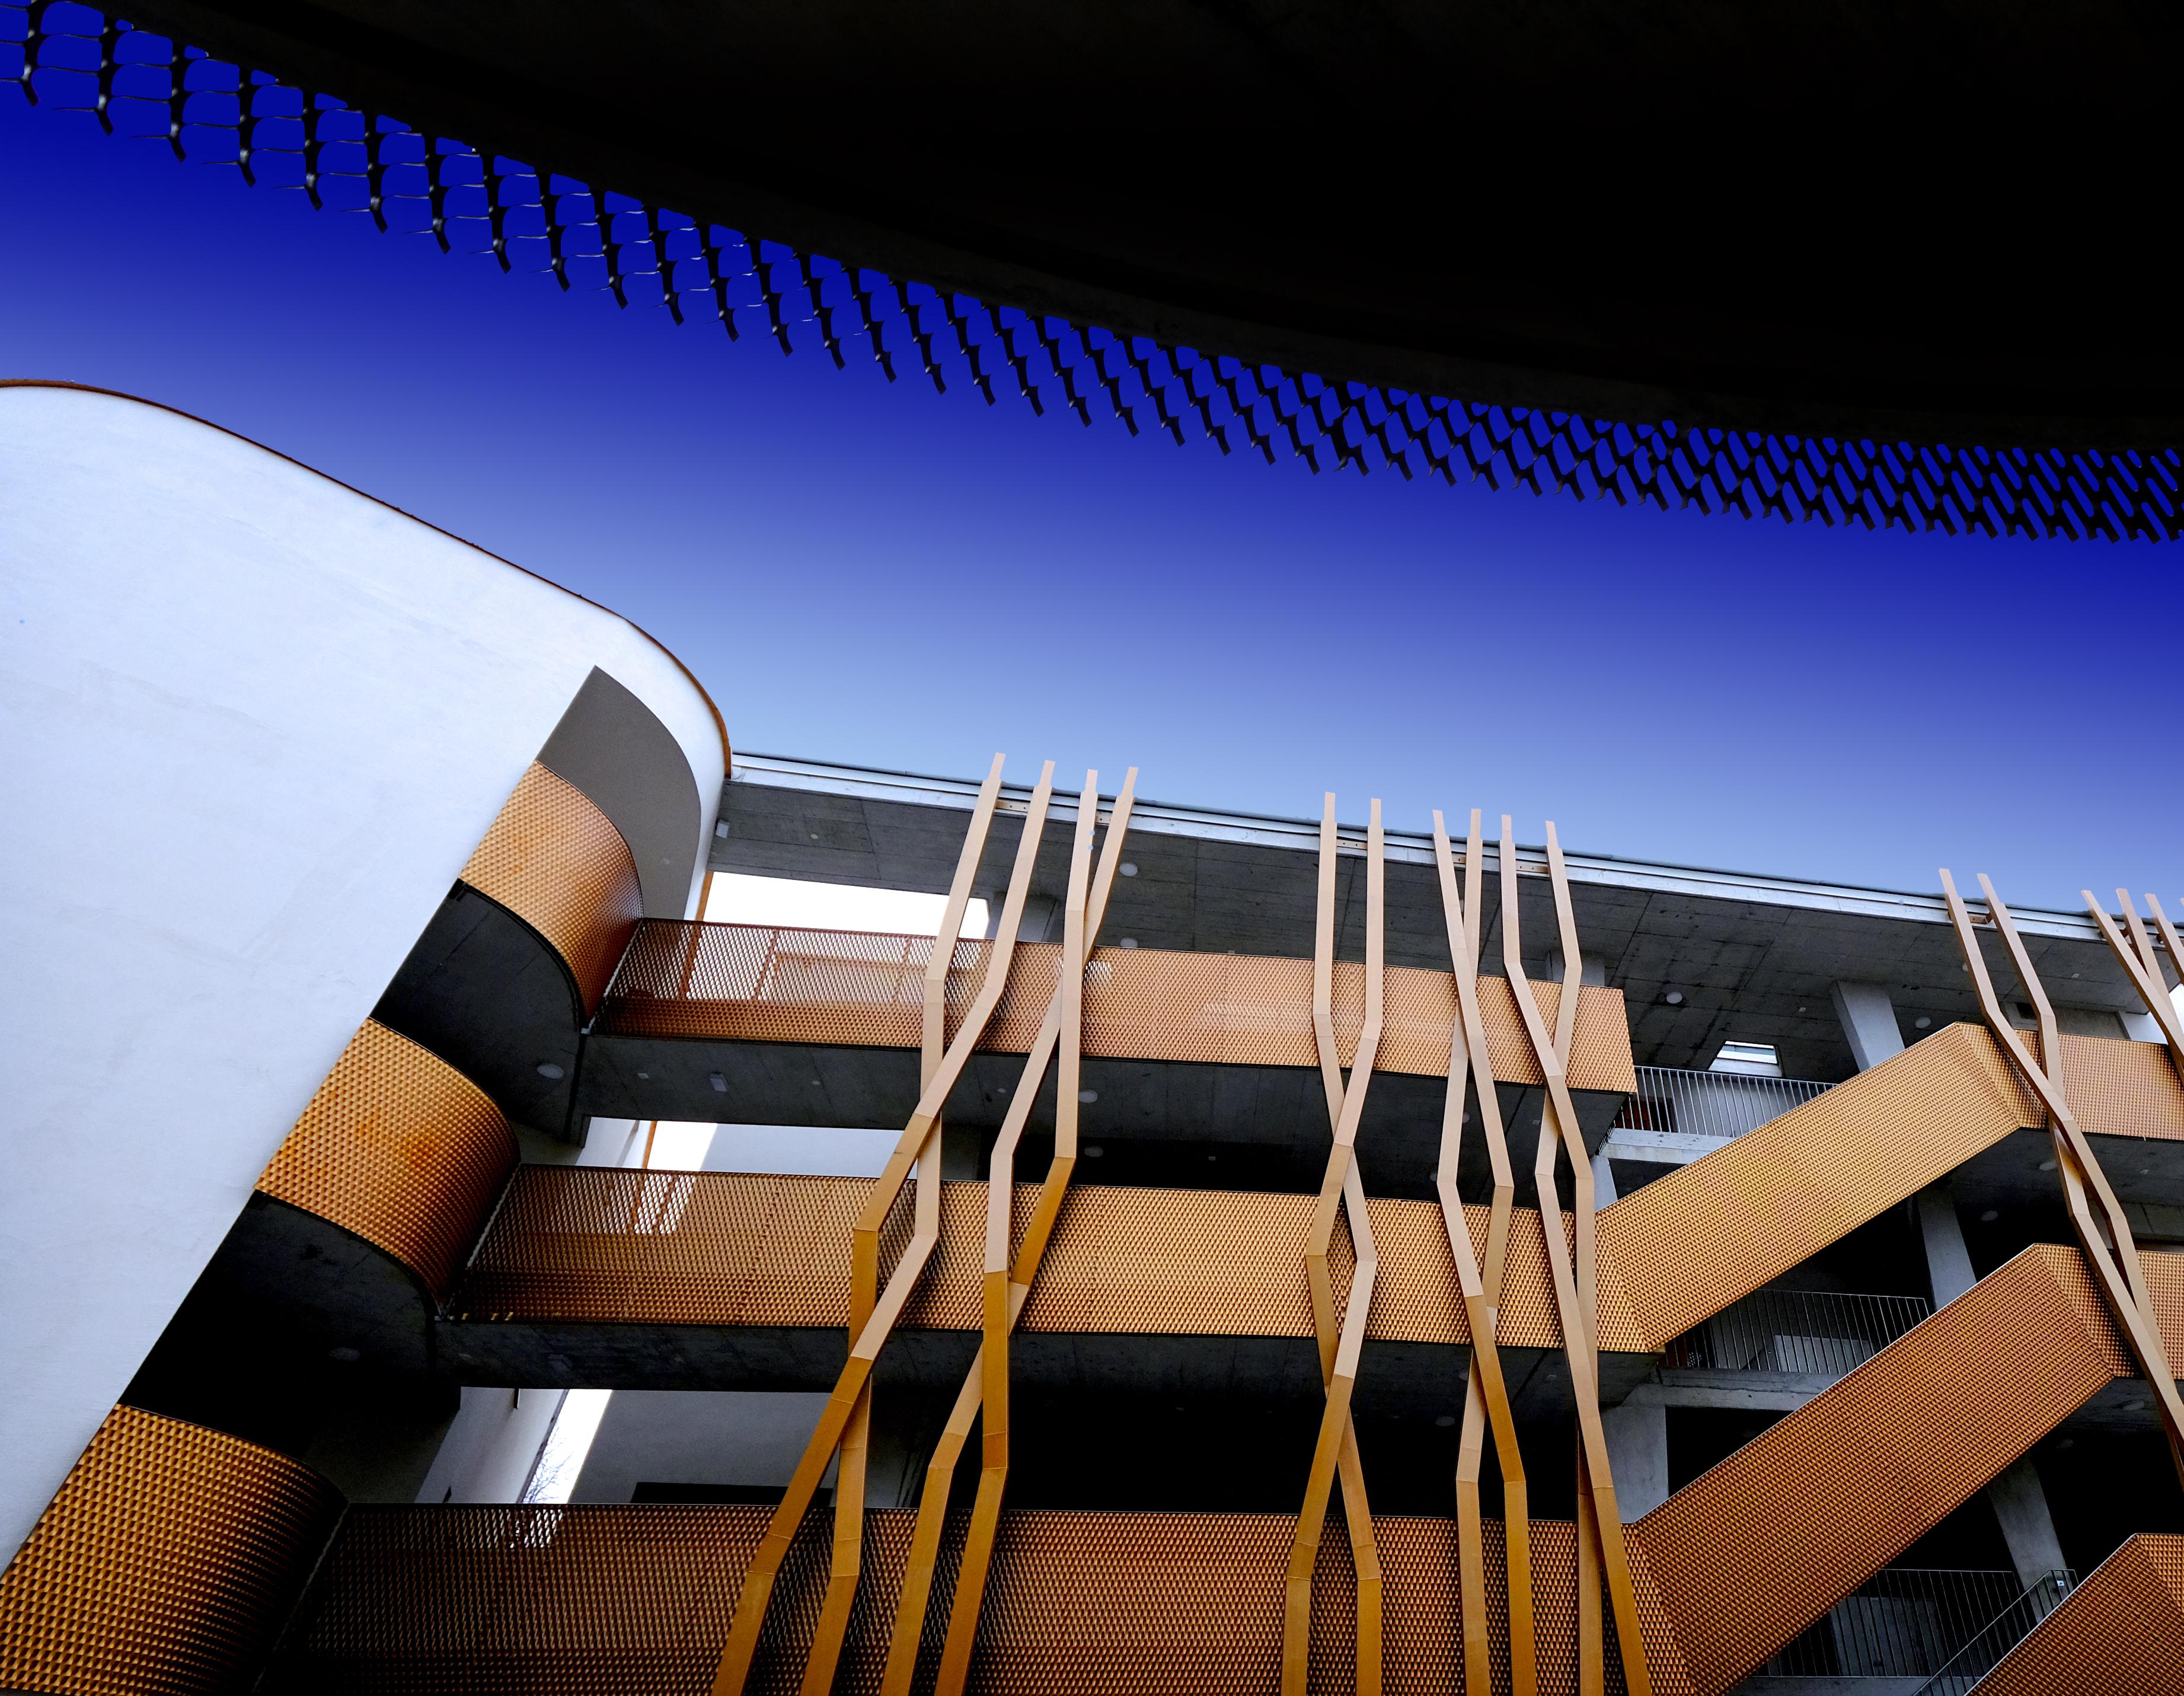 Architektur mit Inspirationsquelle Thema STRICK